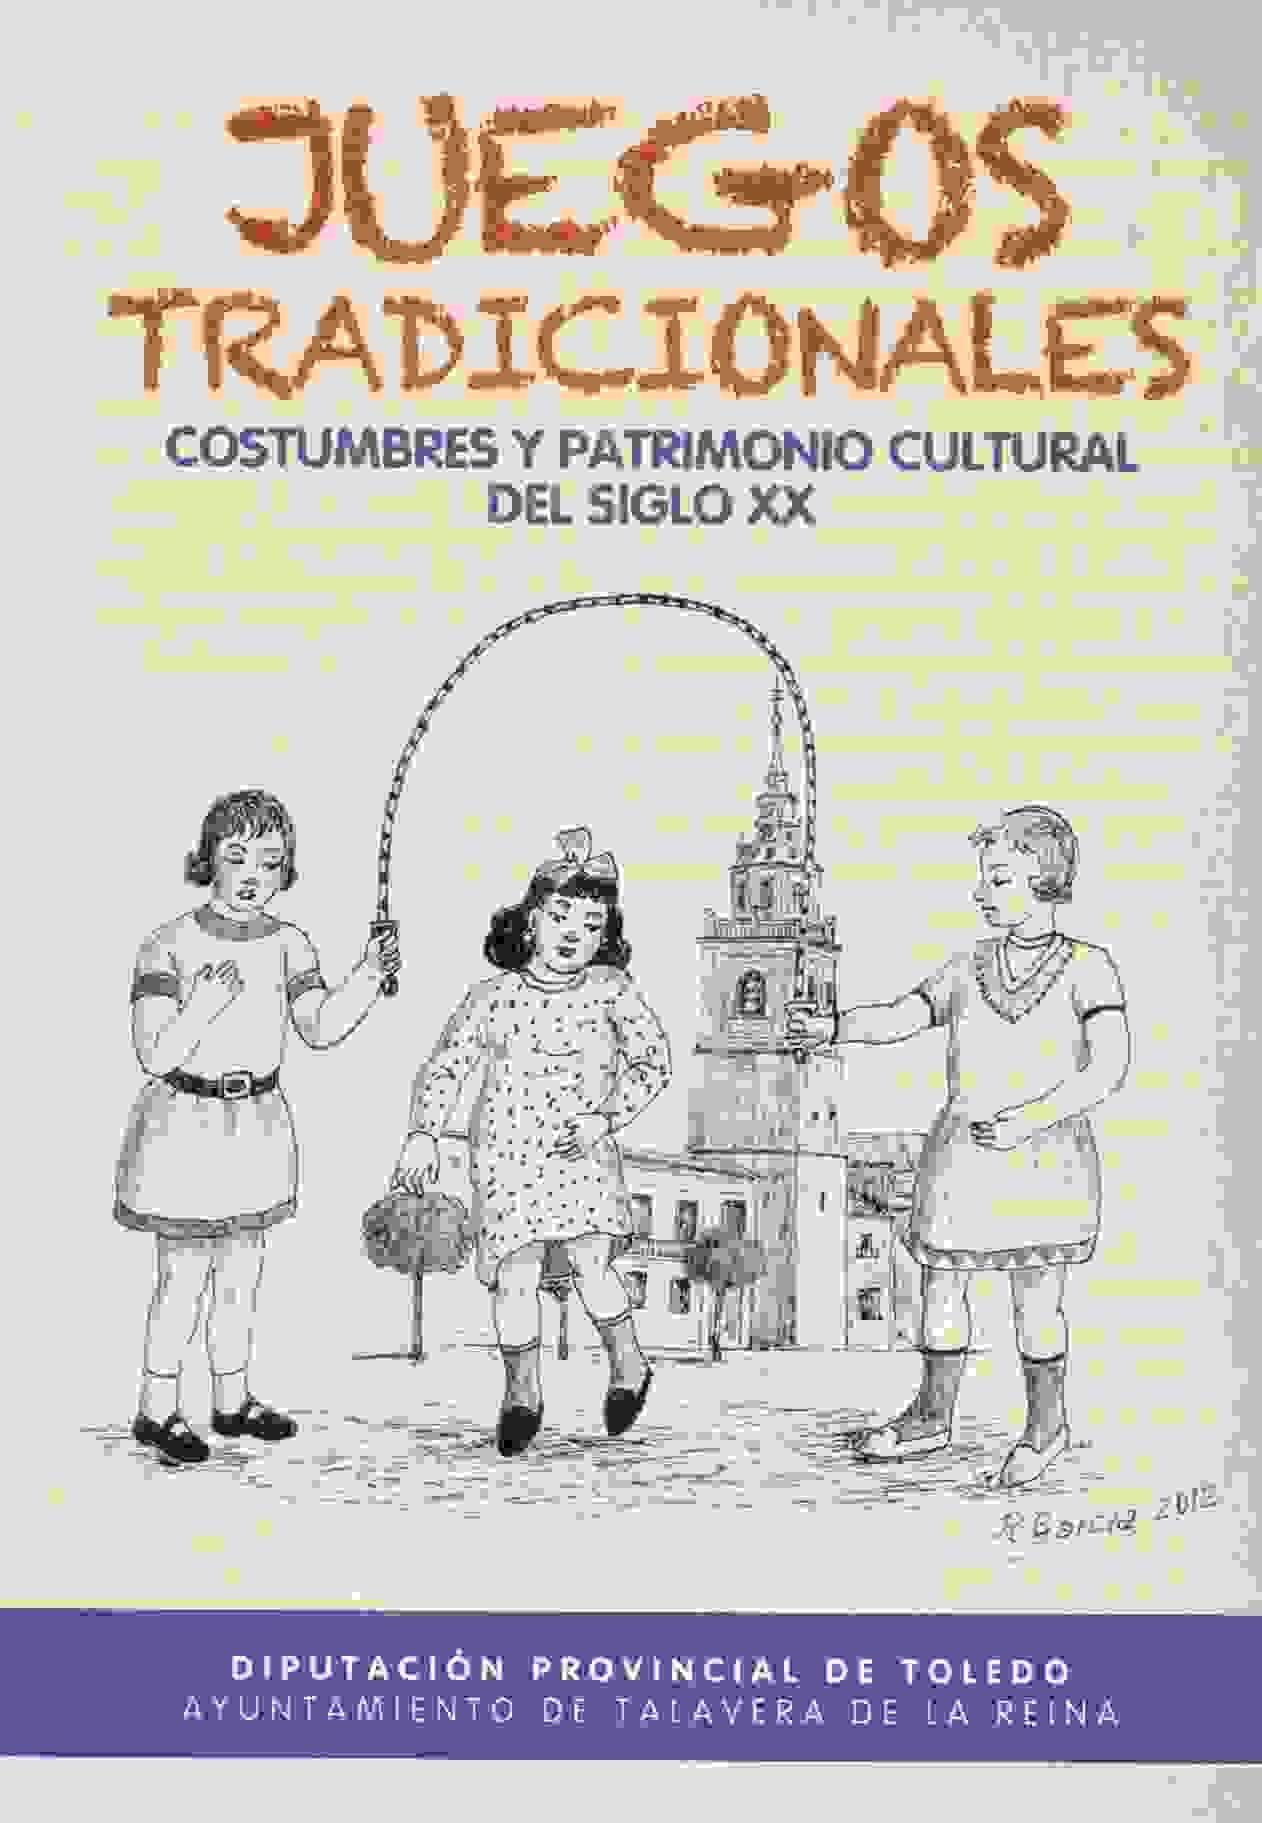 Juegos tradicionales. Costumbres y patrimonio cultural del siglo XX